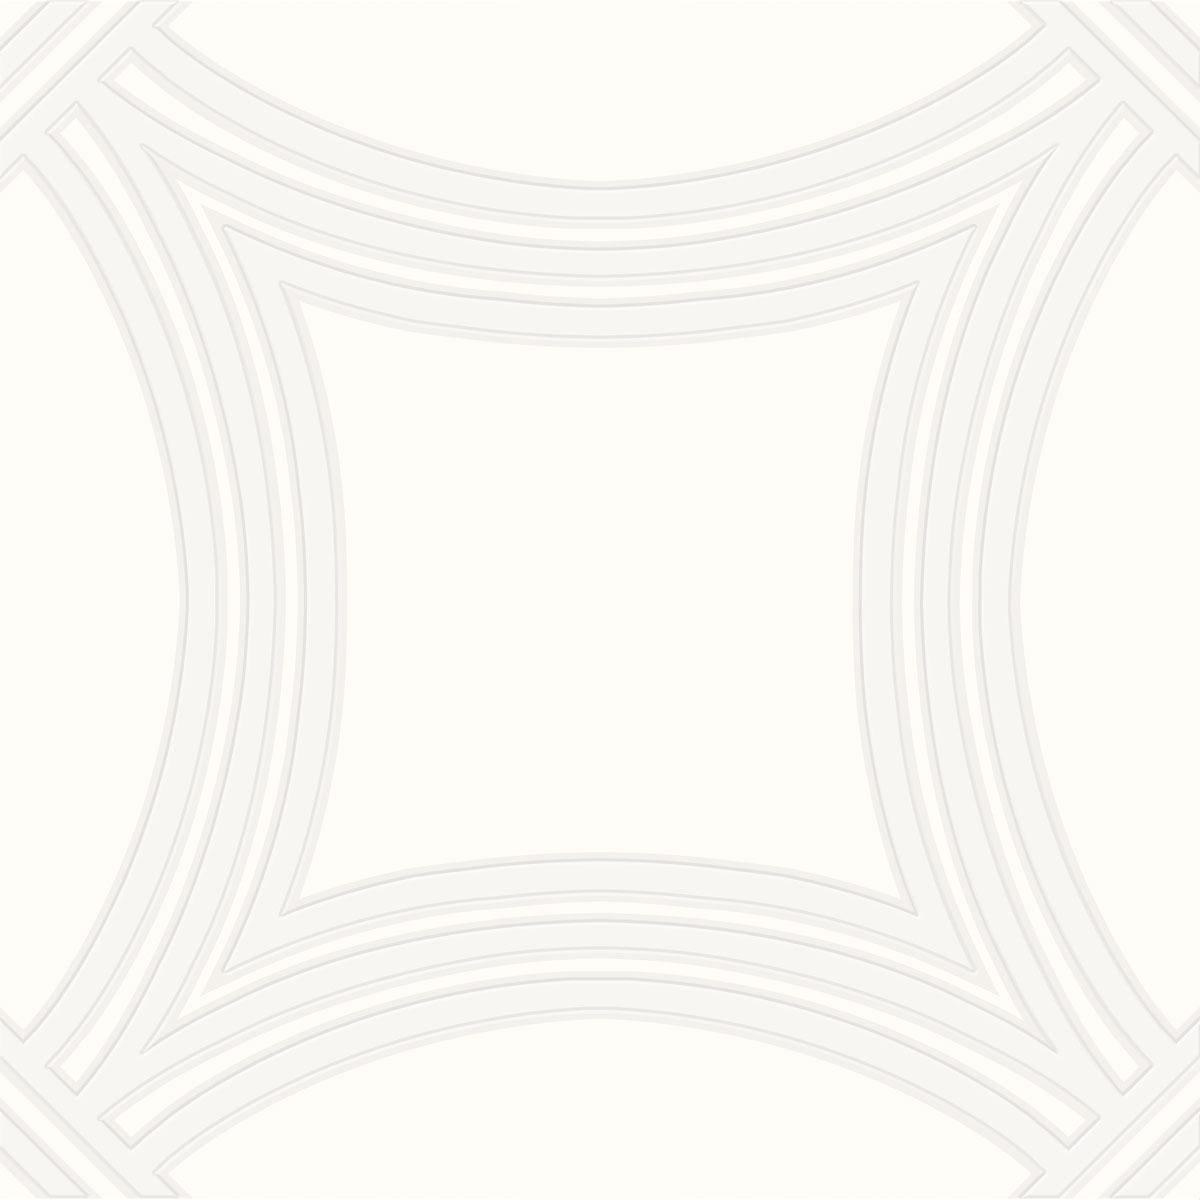 Signorino: 2. White on White